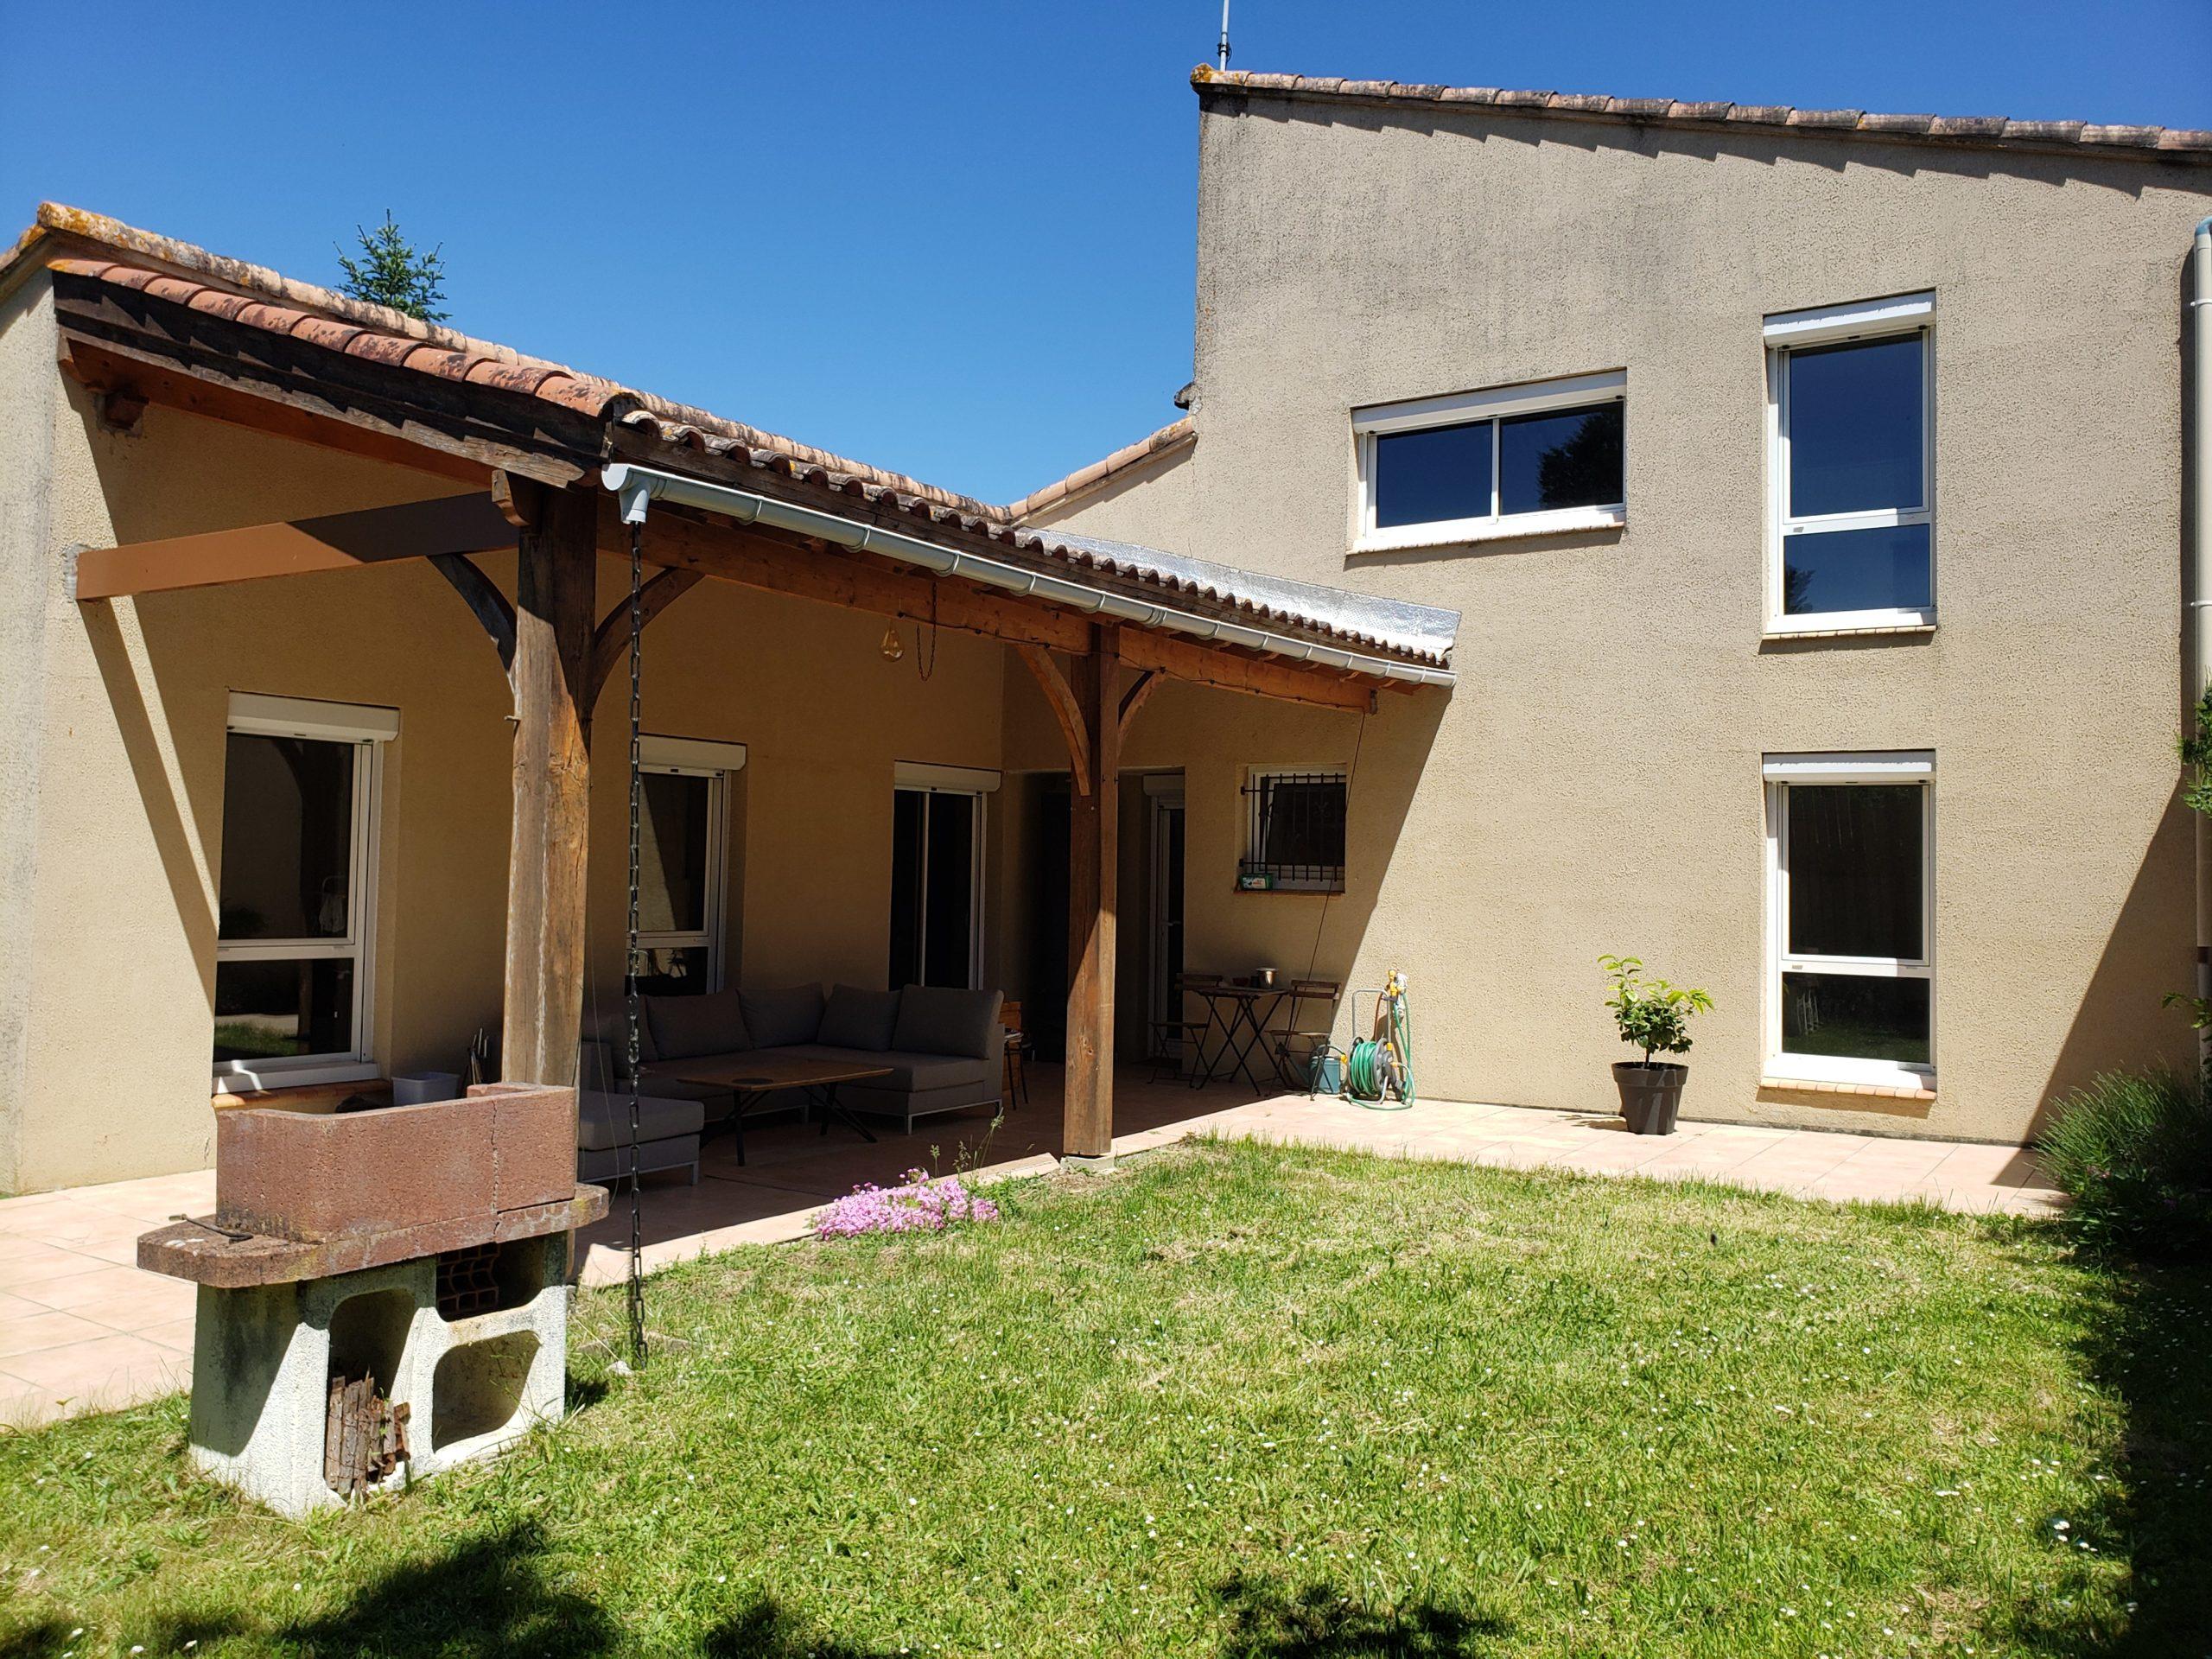 Caussade maison de plain-pied 3/4 chambres avec jardin et garage REF 1484